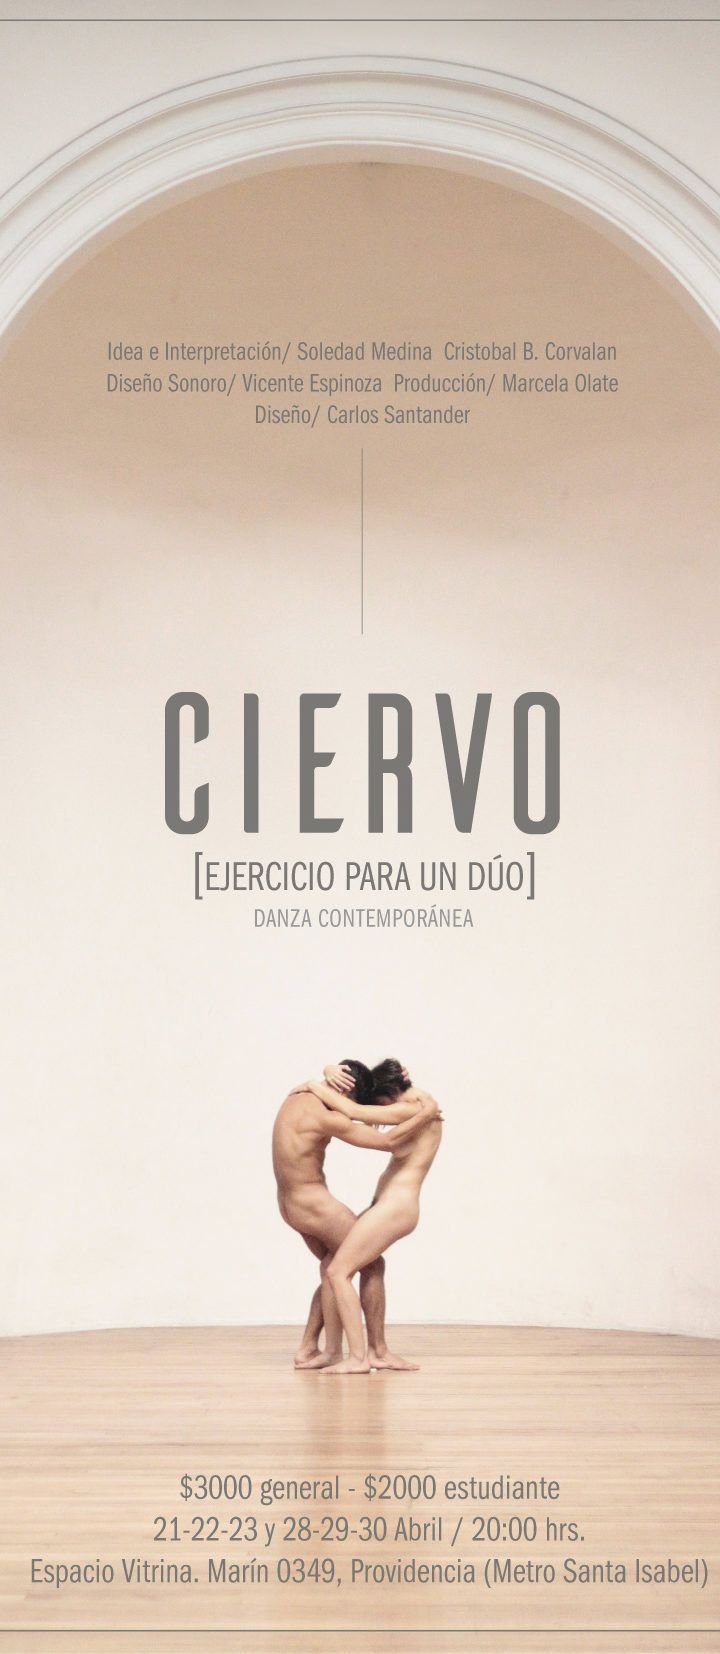 Danza contemporánea: CIERVO en La Vitrina